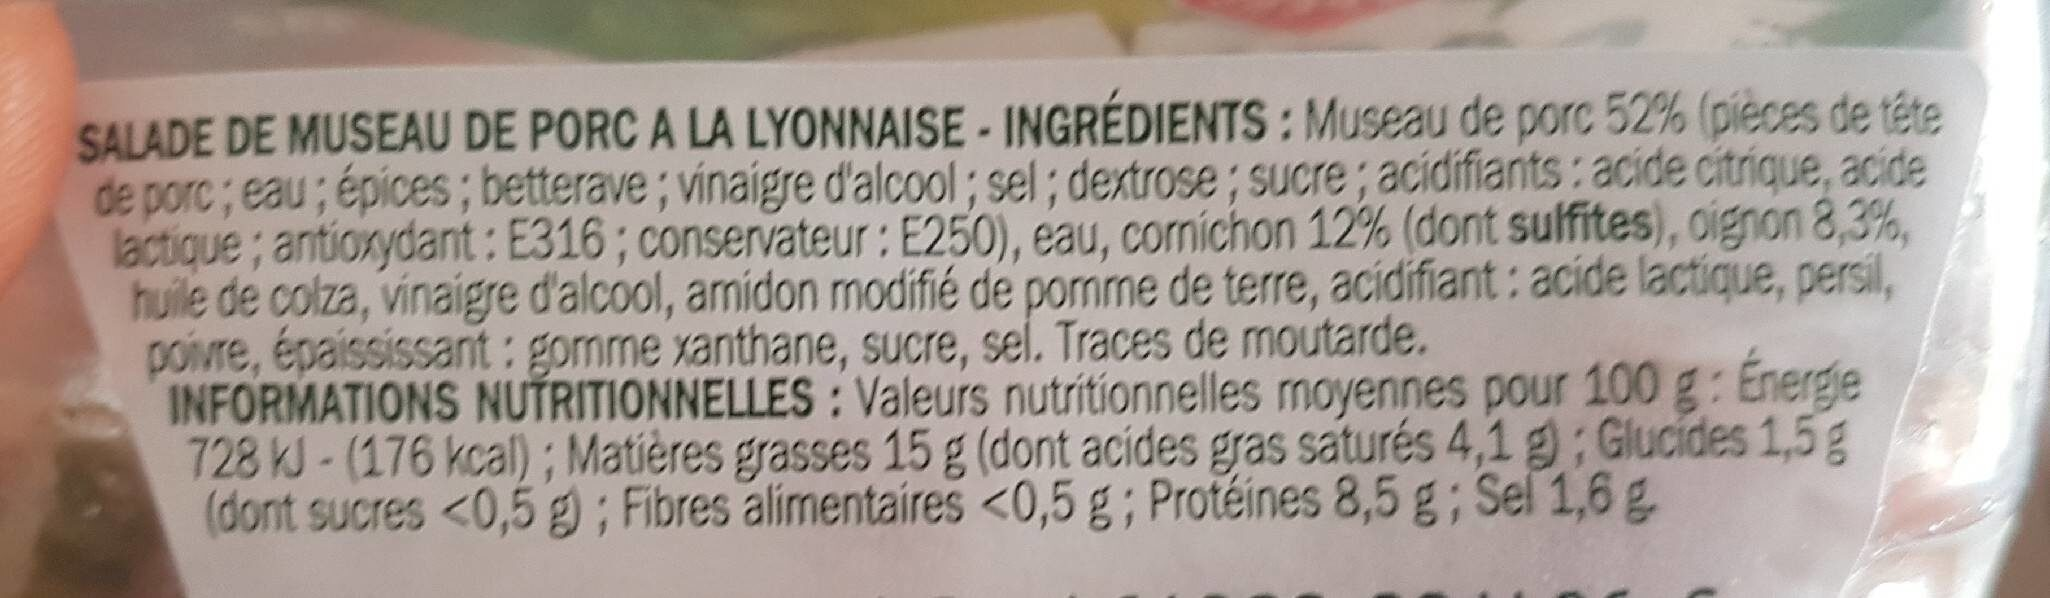 Salade de museau de porc - Nutrition facts